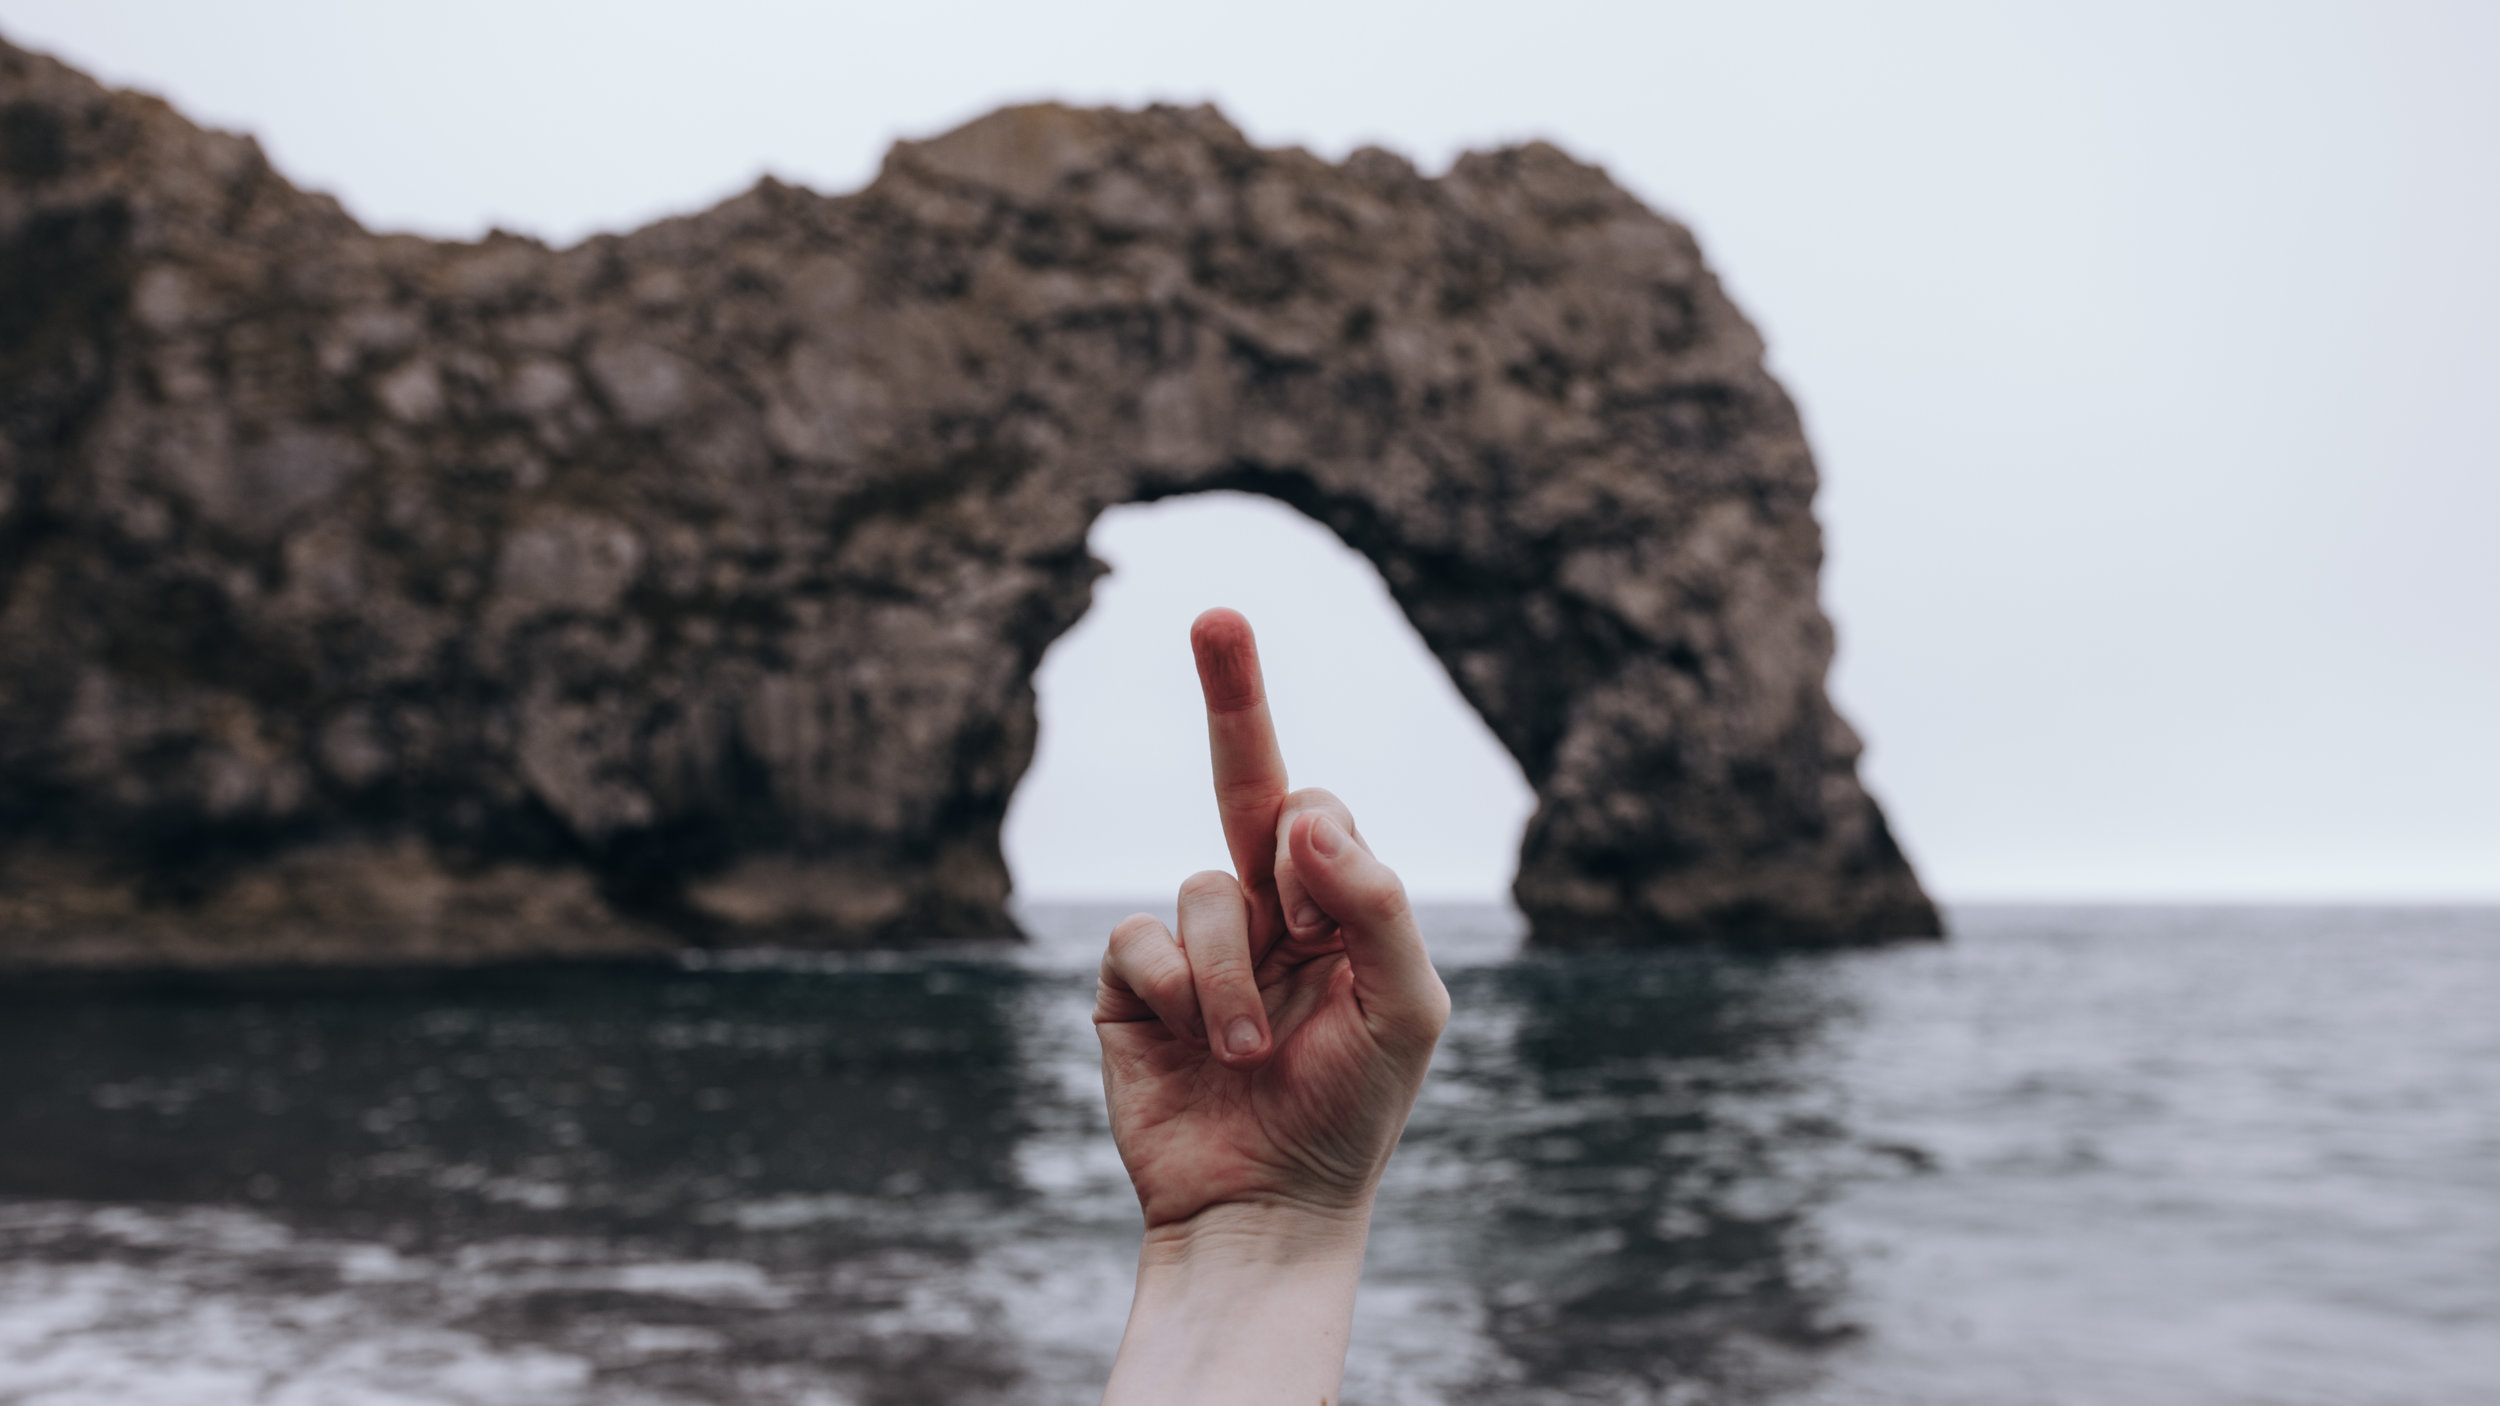 A middle finger held aloft in front of Durdle Door, Dorset, UK